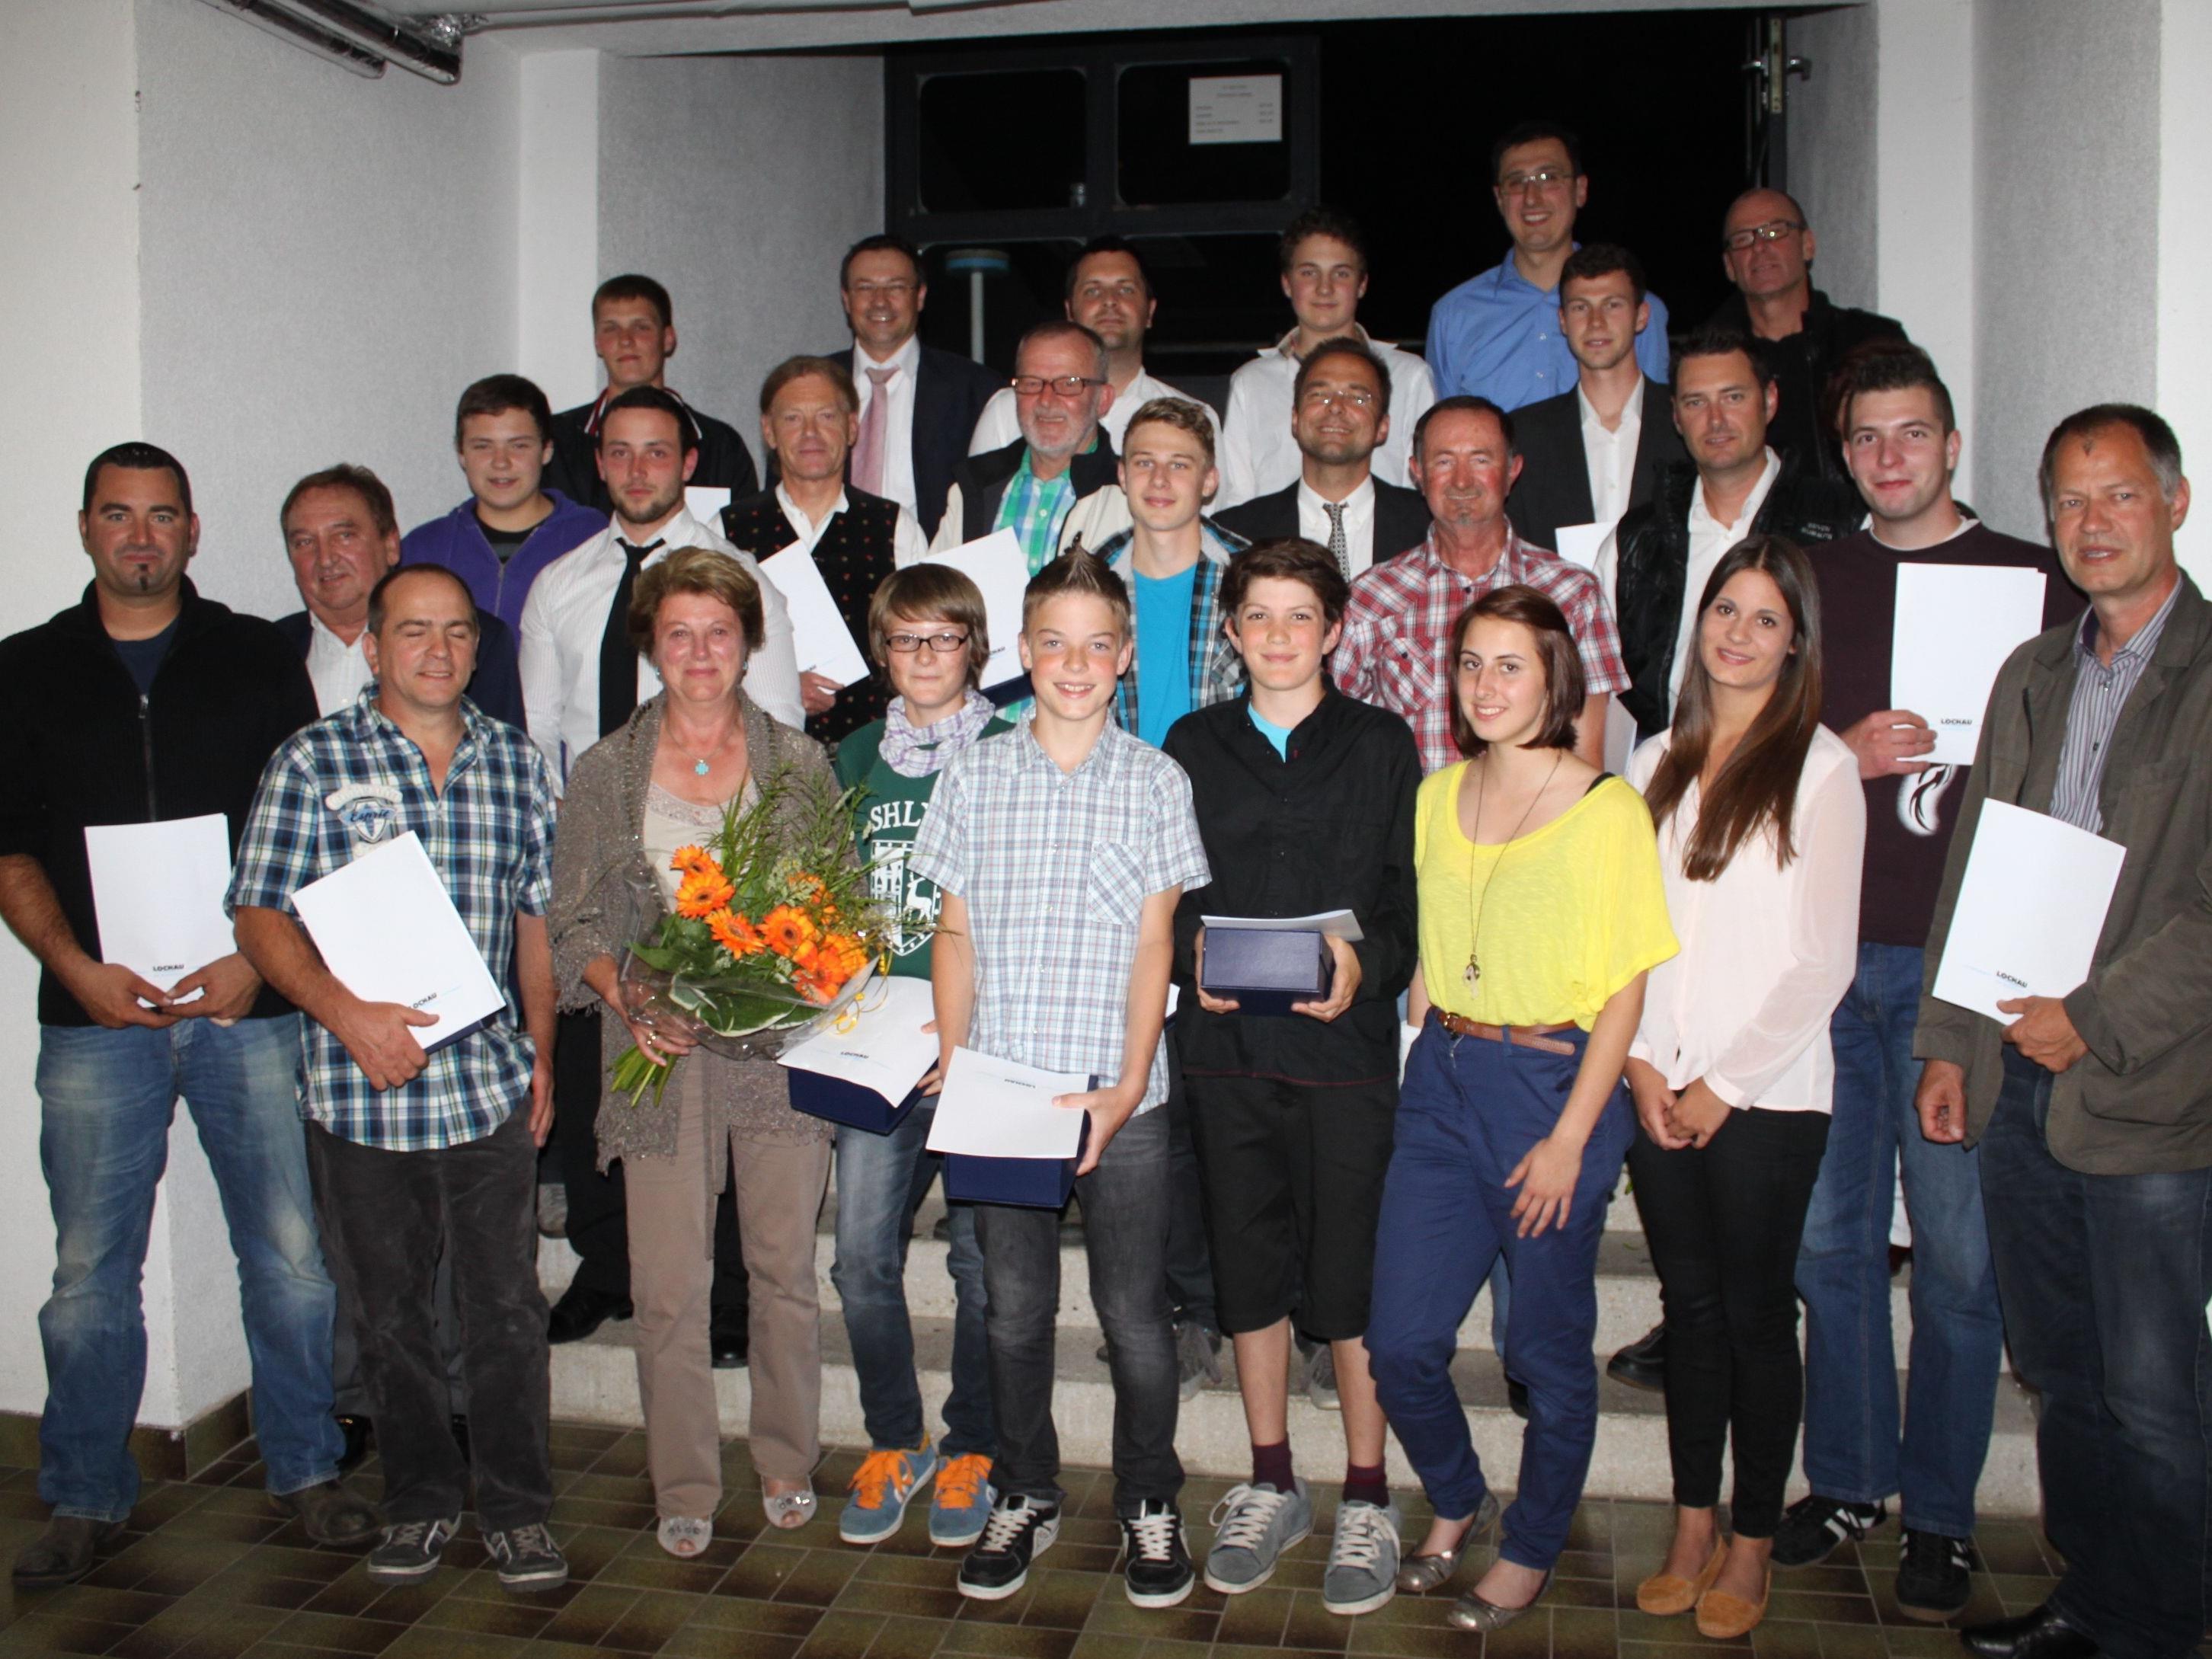 Die erfolgreichsten Lochauer Sportler mit Sportreferent Christophorus Schmid und Christl Gerhalter, Obfrau des Gesamtsportvereines Lochau.